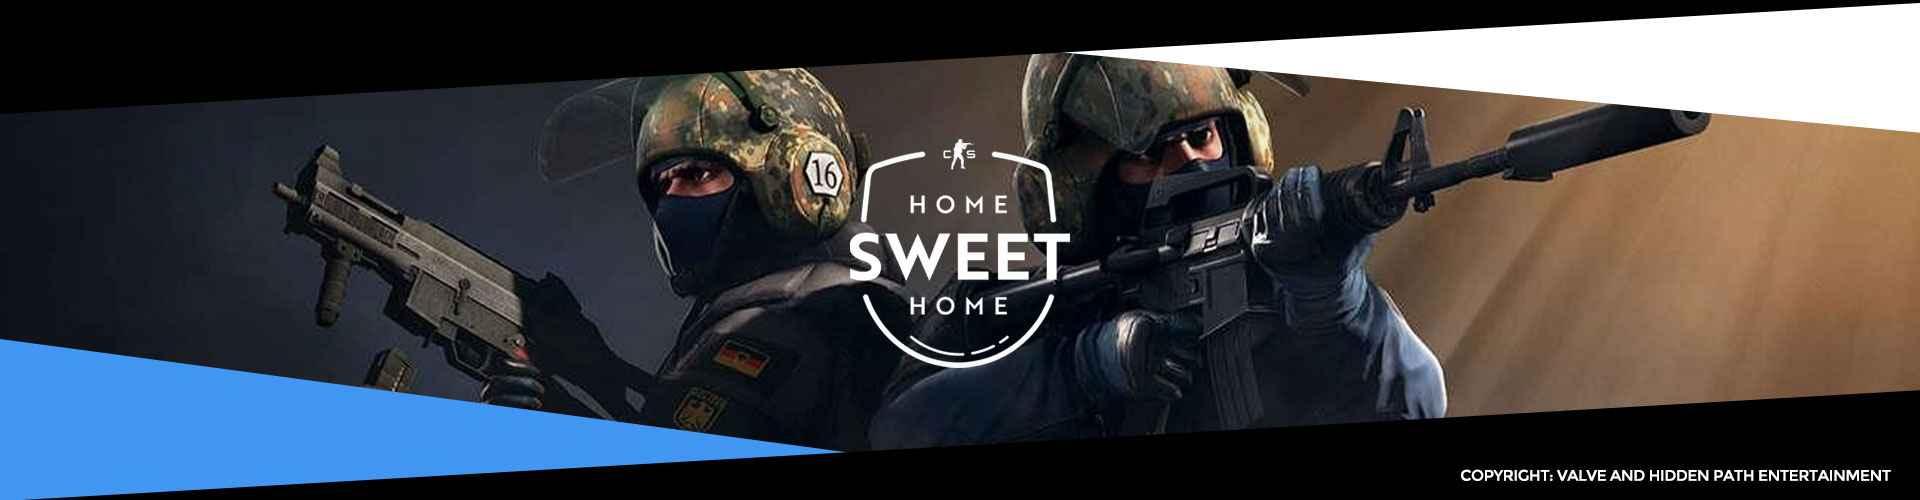 Eventsida för #HomeSweetHome